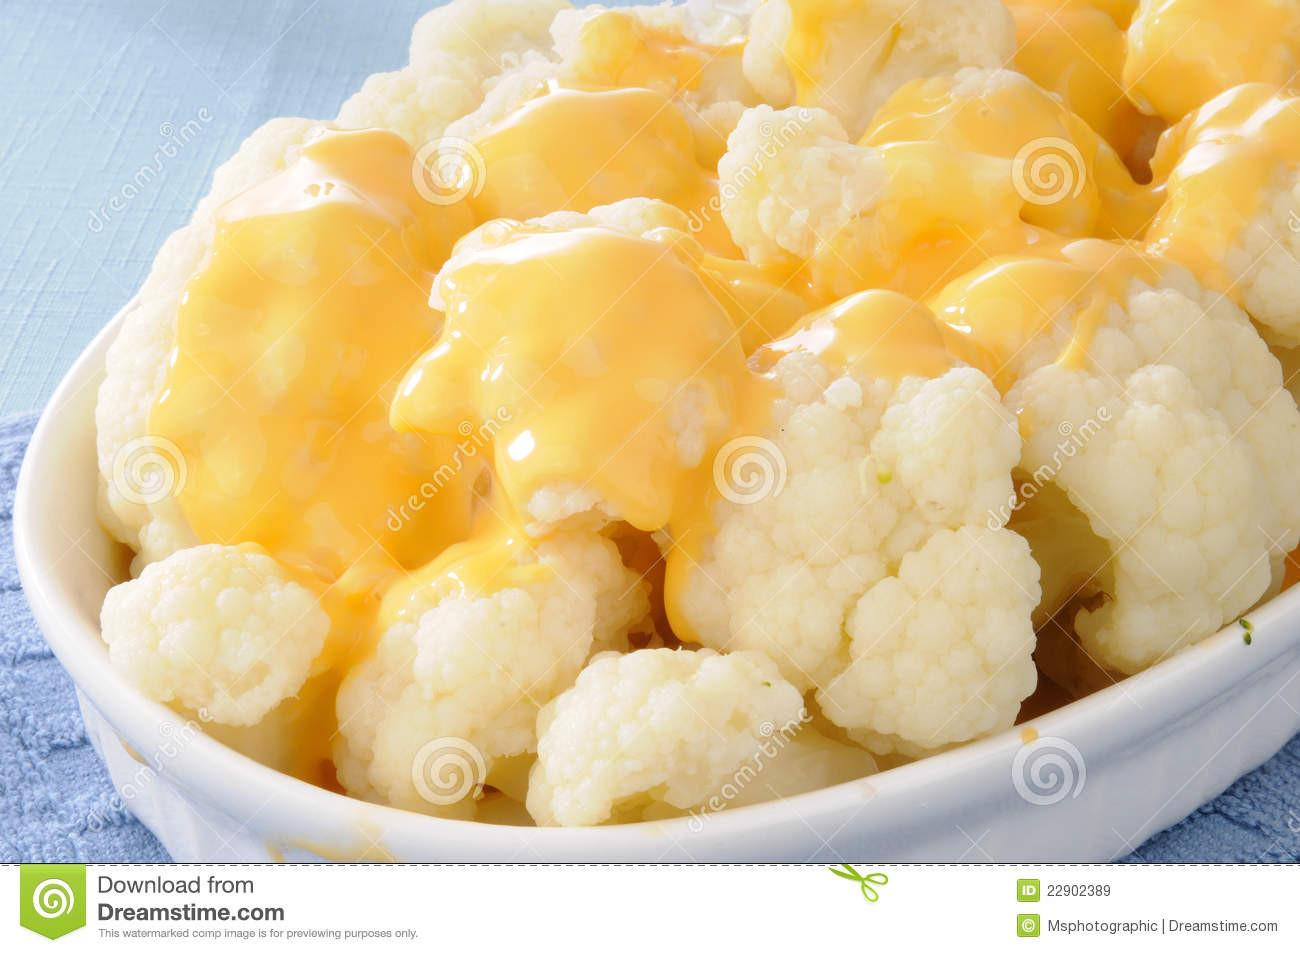 Cauliflower Cheese Sauce  Cauliflower And Cheese Sauce Stock Image Image of dish